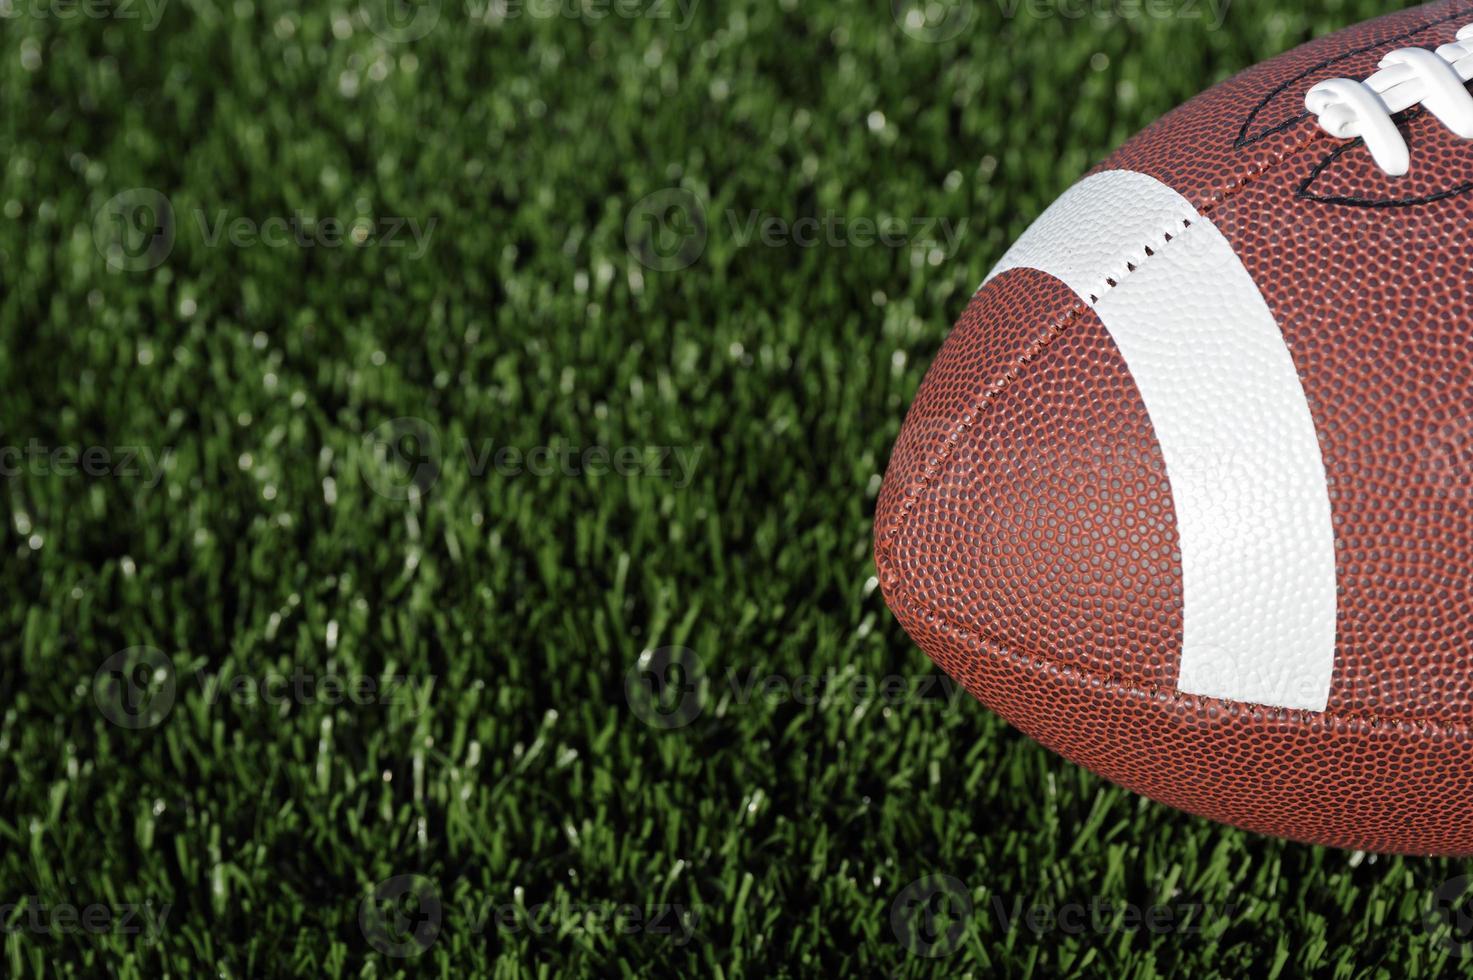 Football on field photo